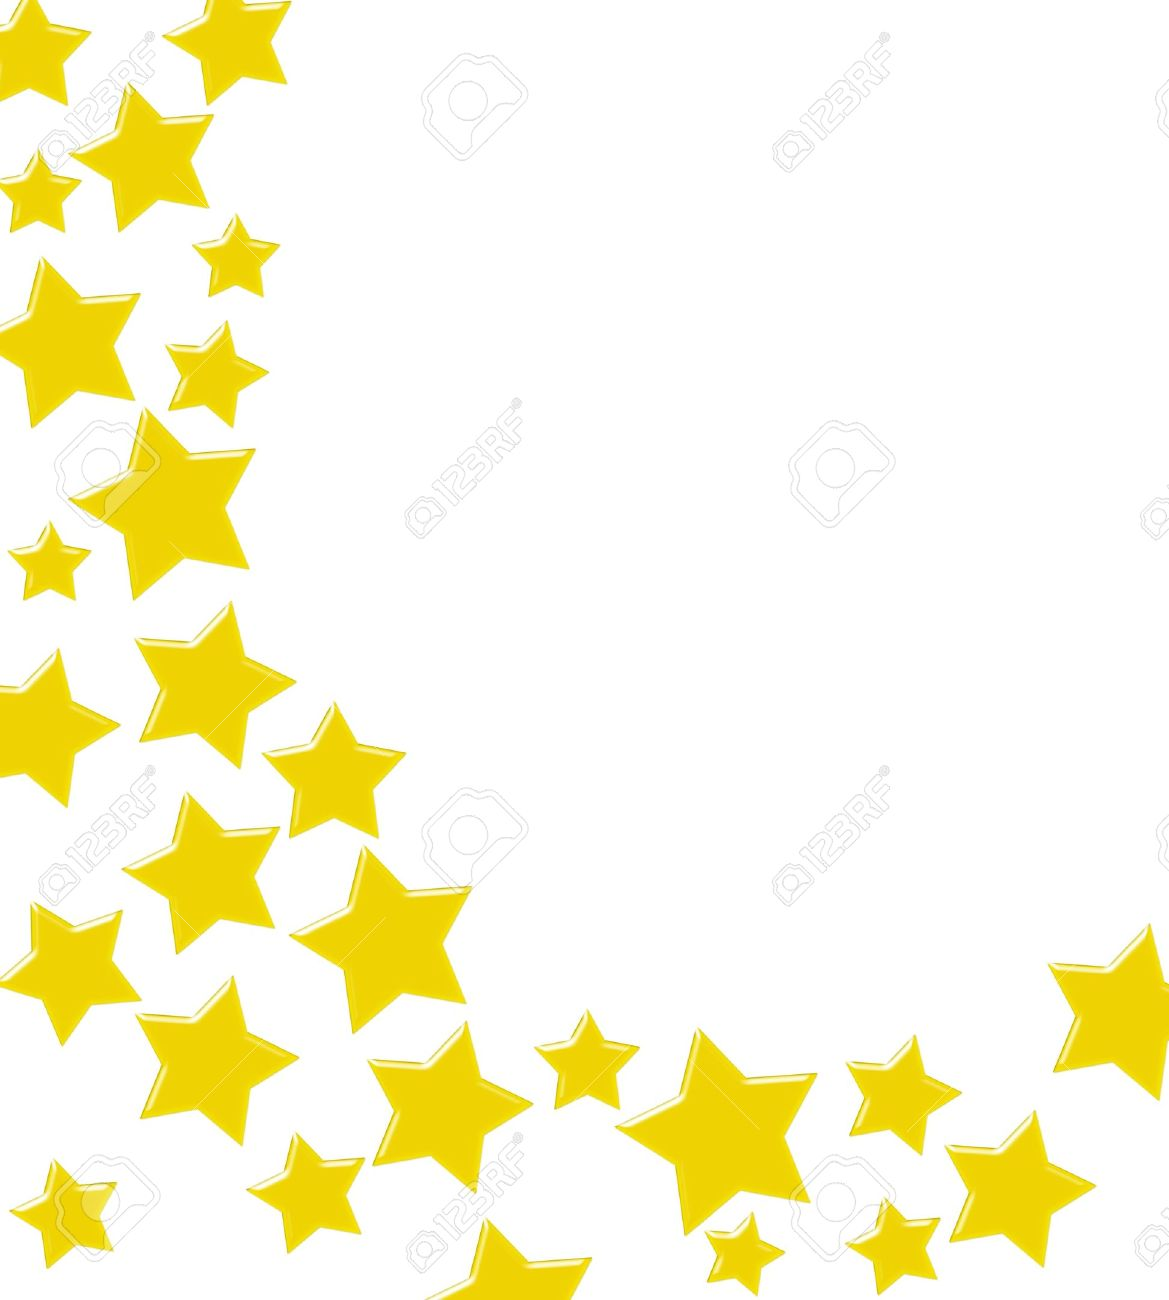 Goldenen Sternen Machen Einen Rahmen Auf Weißem Grund, Gewann Gold ...